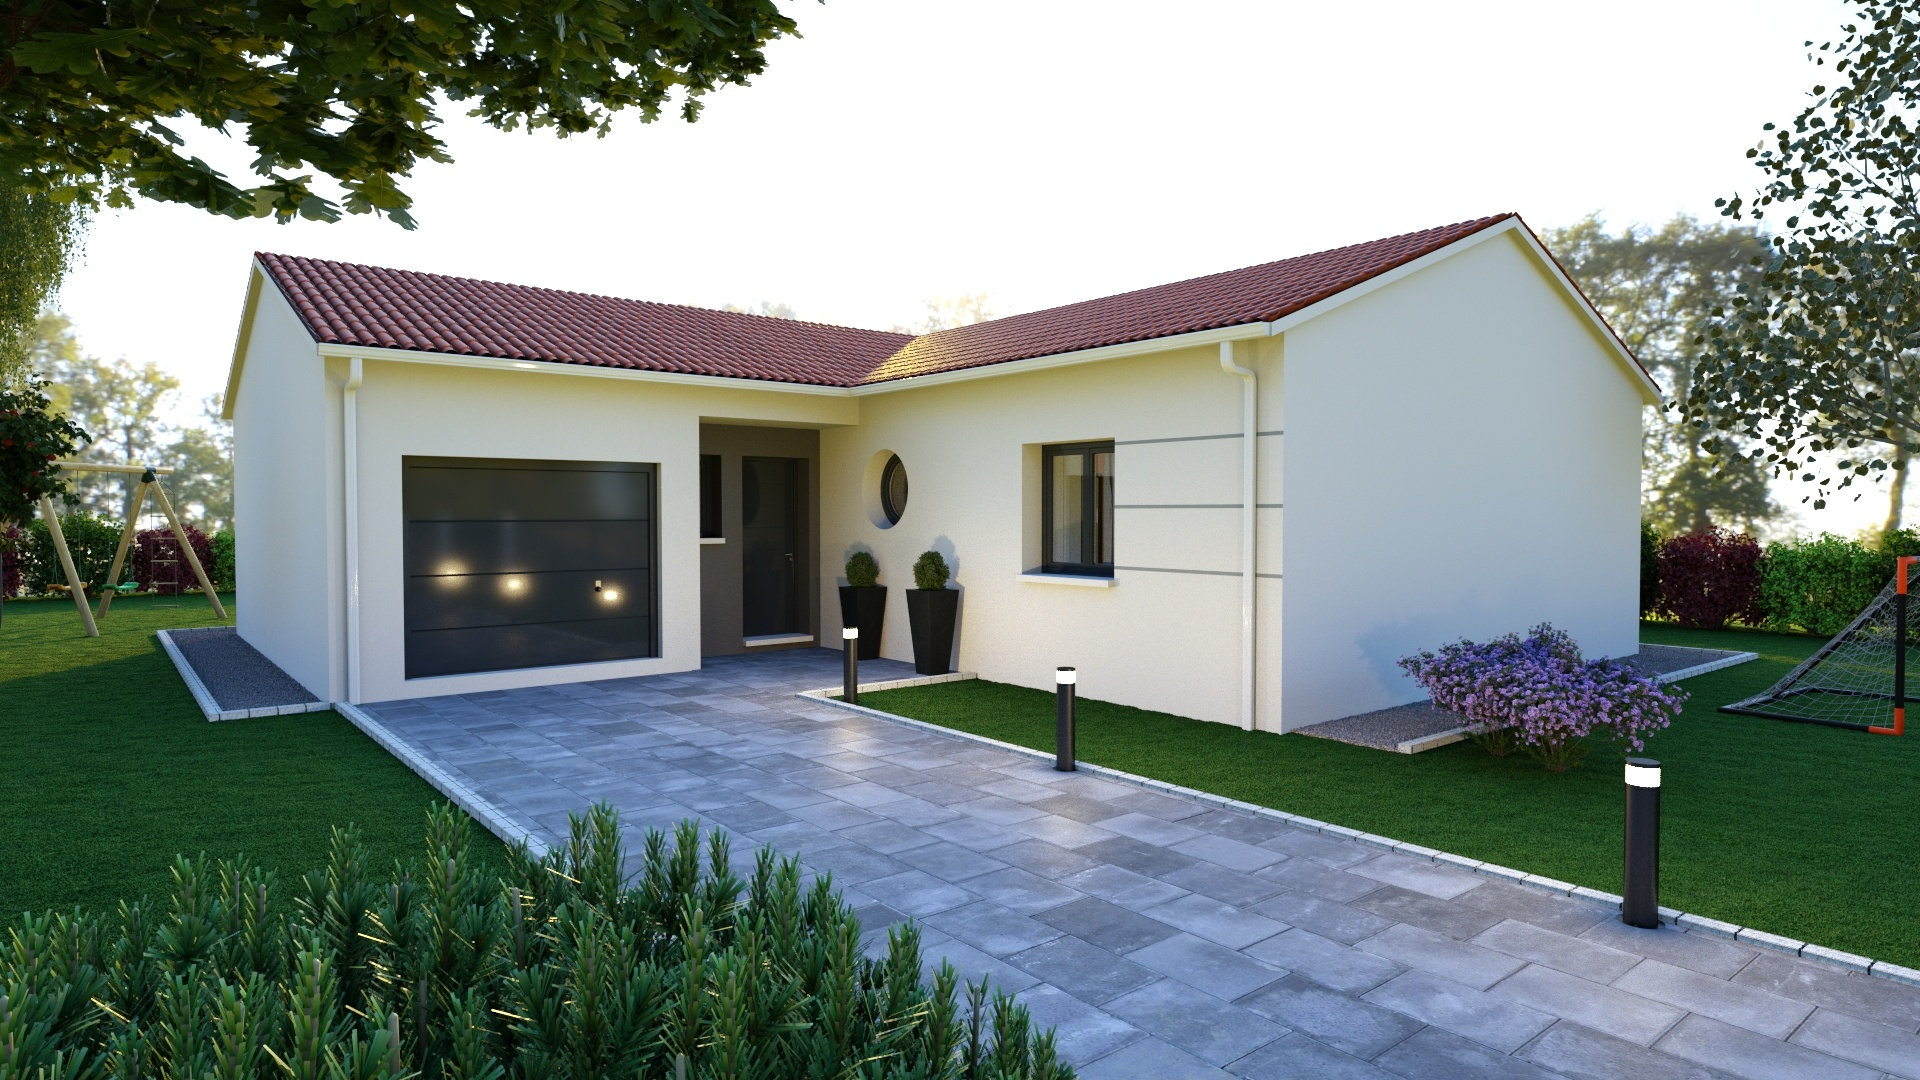 Maisons + Terrains du constructeur MAISONS D EN FRANCE - MONISTROL SUR LOIRE • 90 m² • LAVOUTE SUR LOIRE